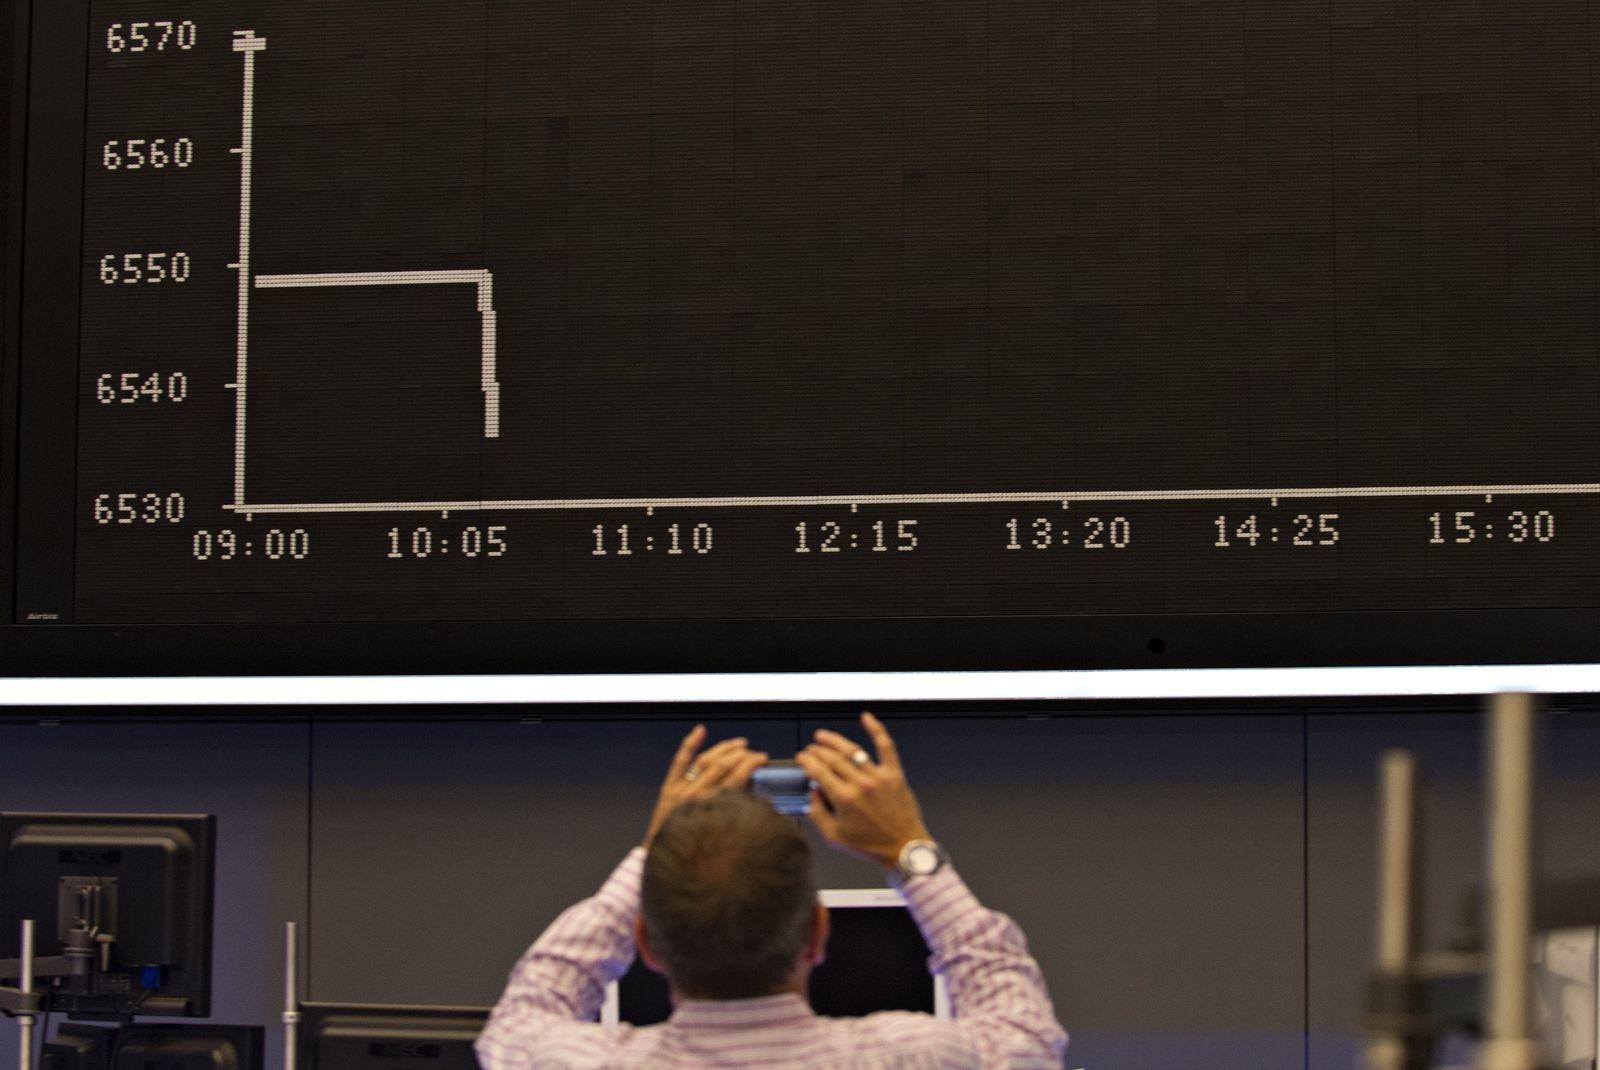 Frankfurter Börse - technischer Defekt